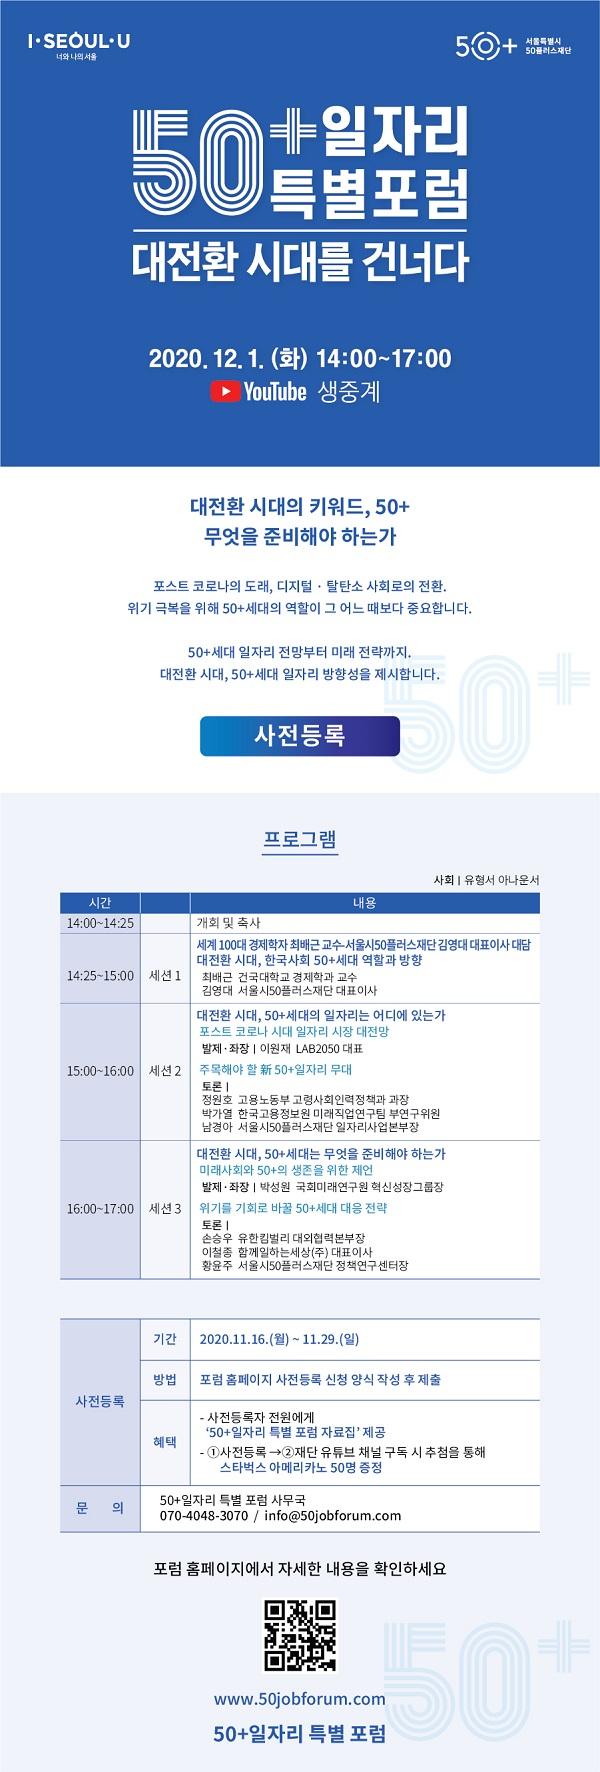 서울시50플러스재단, 중장년 미래 일자리 전망 제시하는 '50+일자리 특별 포럼' 개최